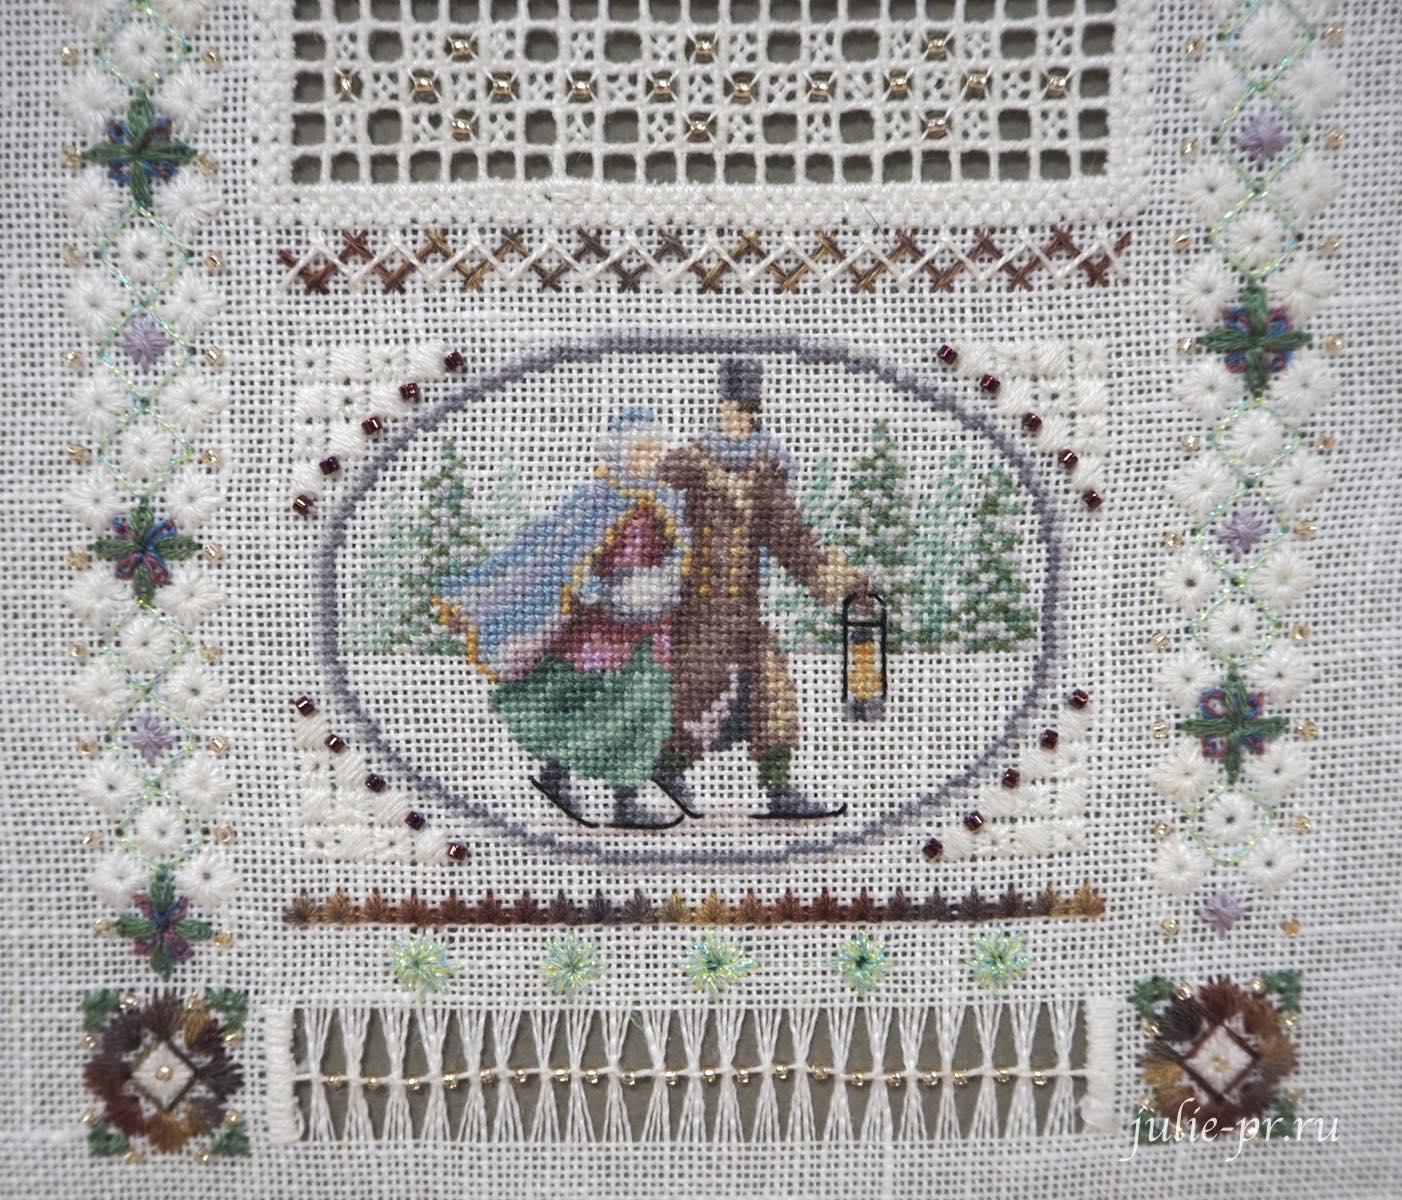 Тереза Венцлер, вышивка крестом, Teresa Wentzler - Miniature Winter Sampler, Миниатюрный зимний семплер, мережка, хардангер